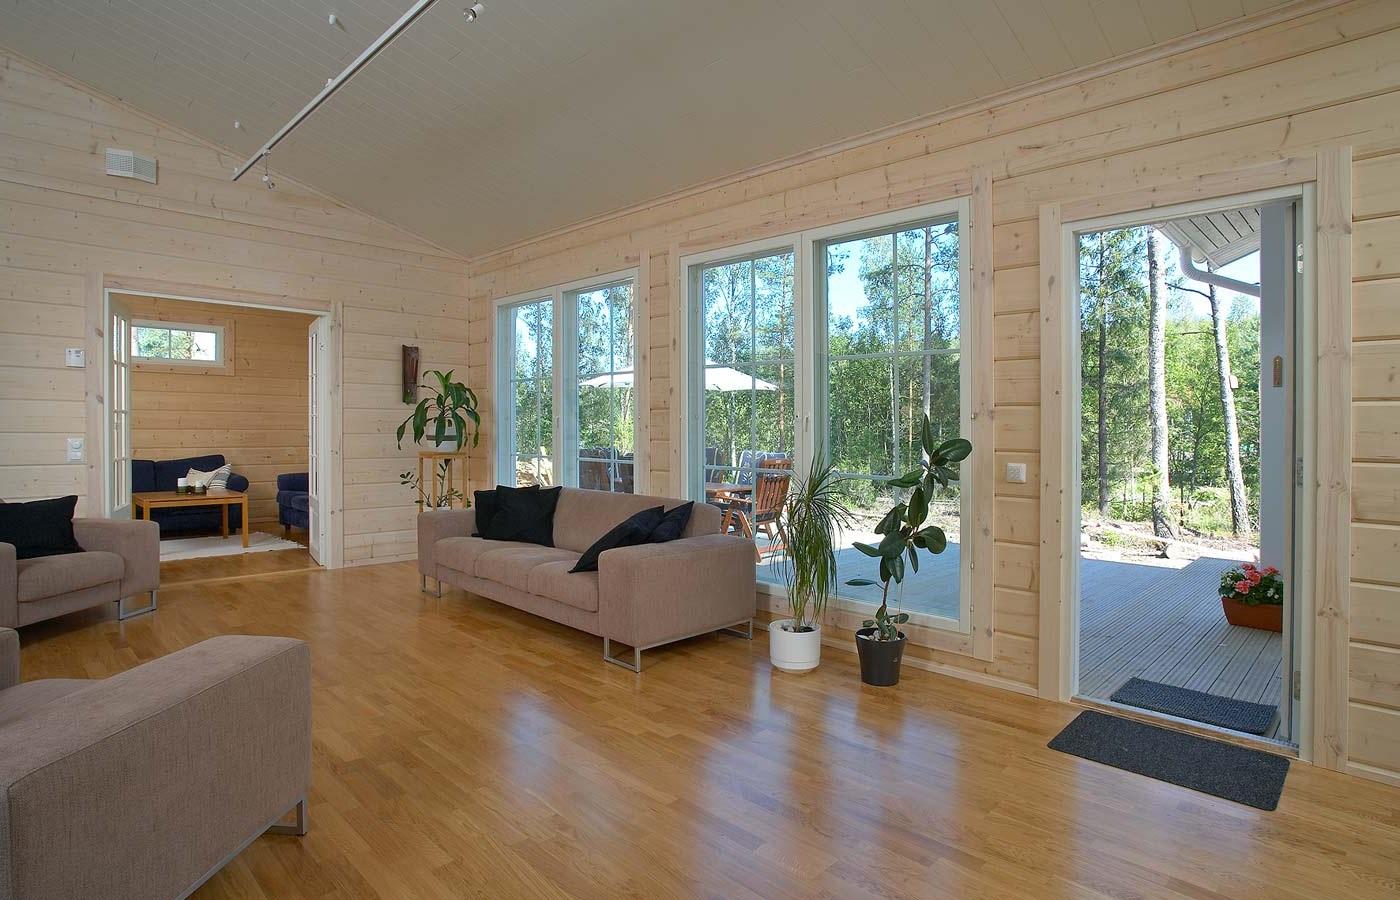 364Интерьер финских домов фото